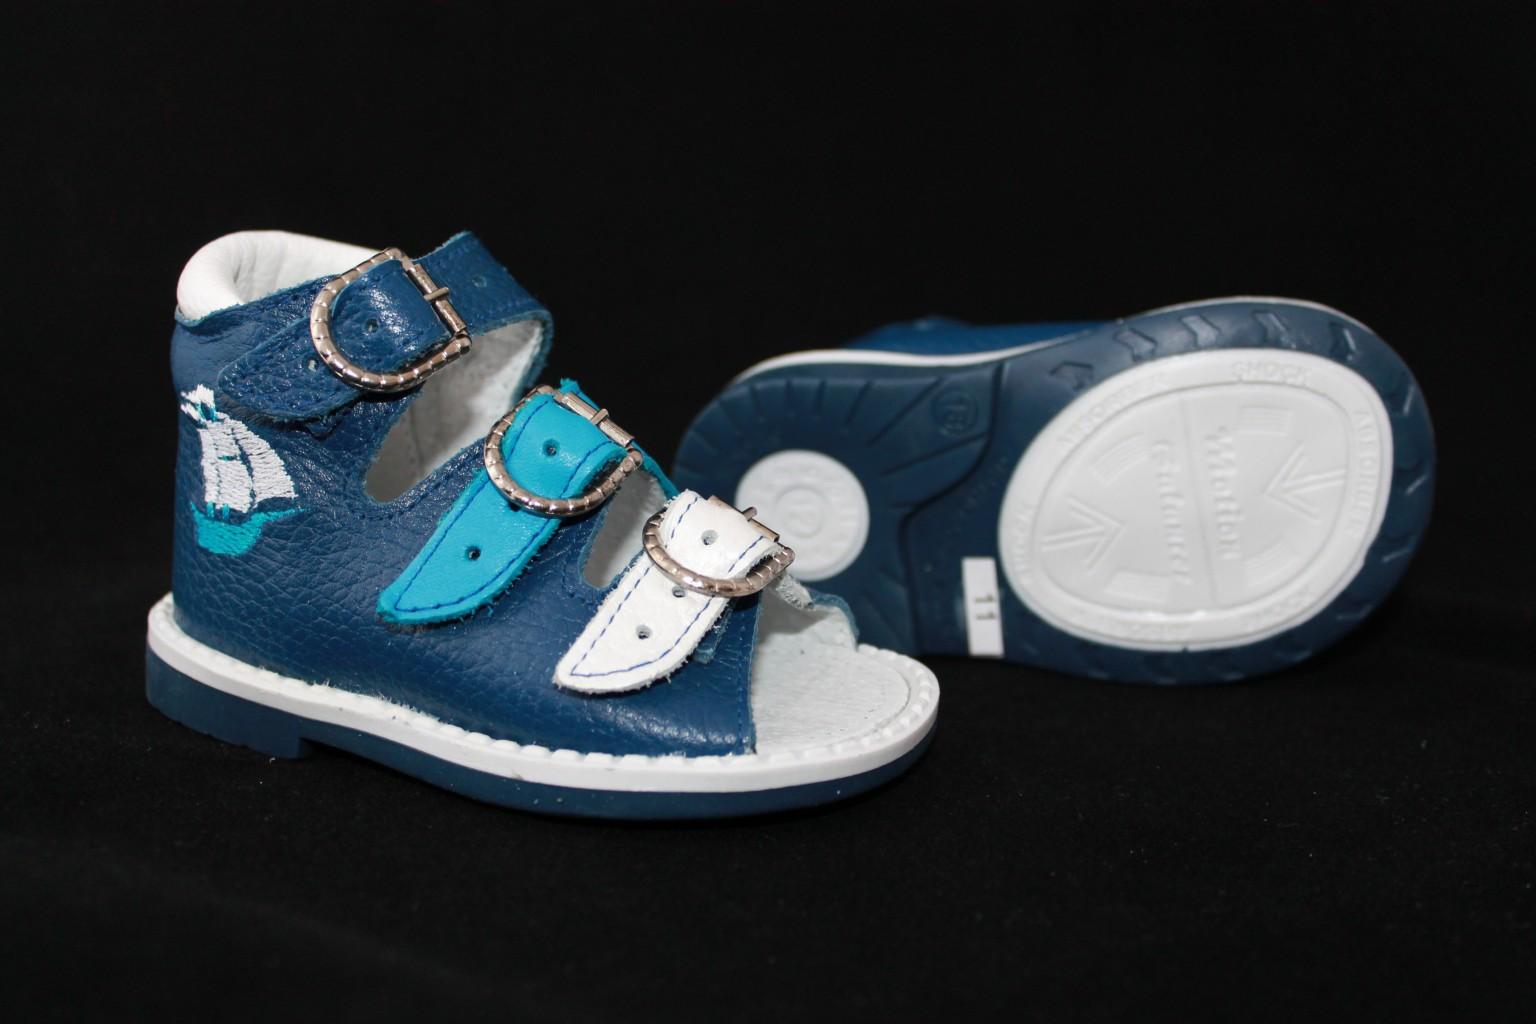 Сбор заказов. Детская Богородская обувь, напрямую с фабрики. Готовимся к лету - сейчас хорошее наличие: Орто-сандалии 790 руб,классика от 200 руб (внутри натур кожа+ ортостелька). Без рядов. Успеем до повышения цен! Выкуп 8. СТОП 4 апреля